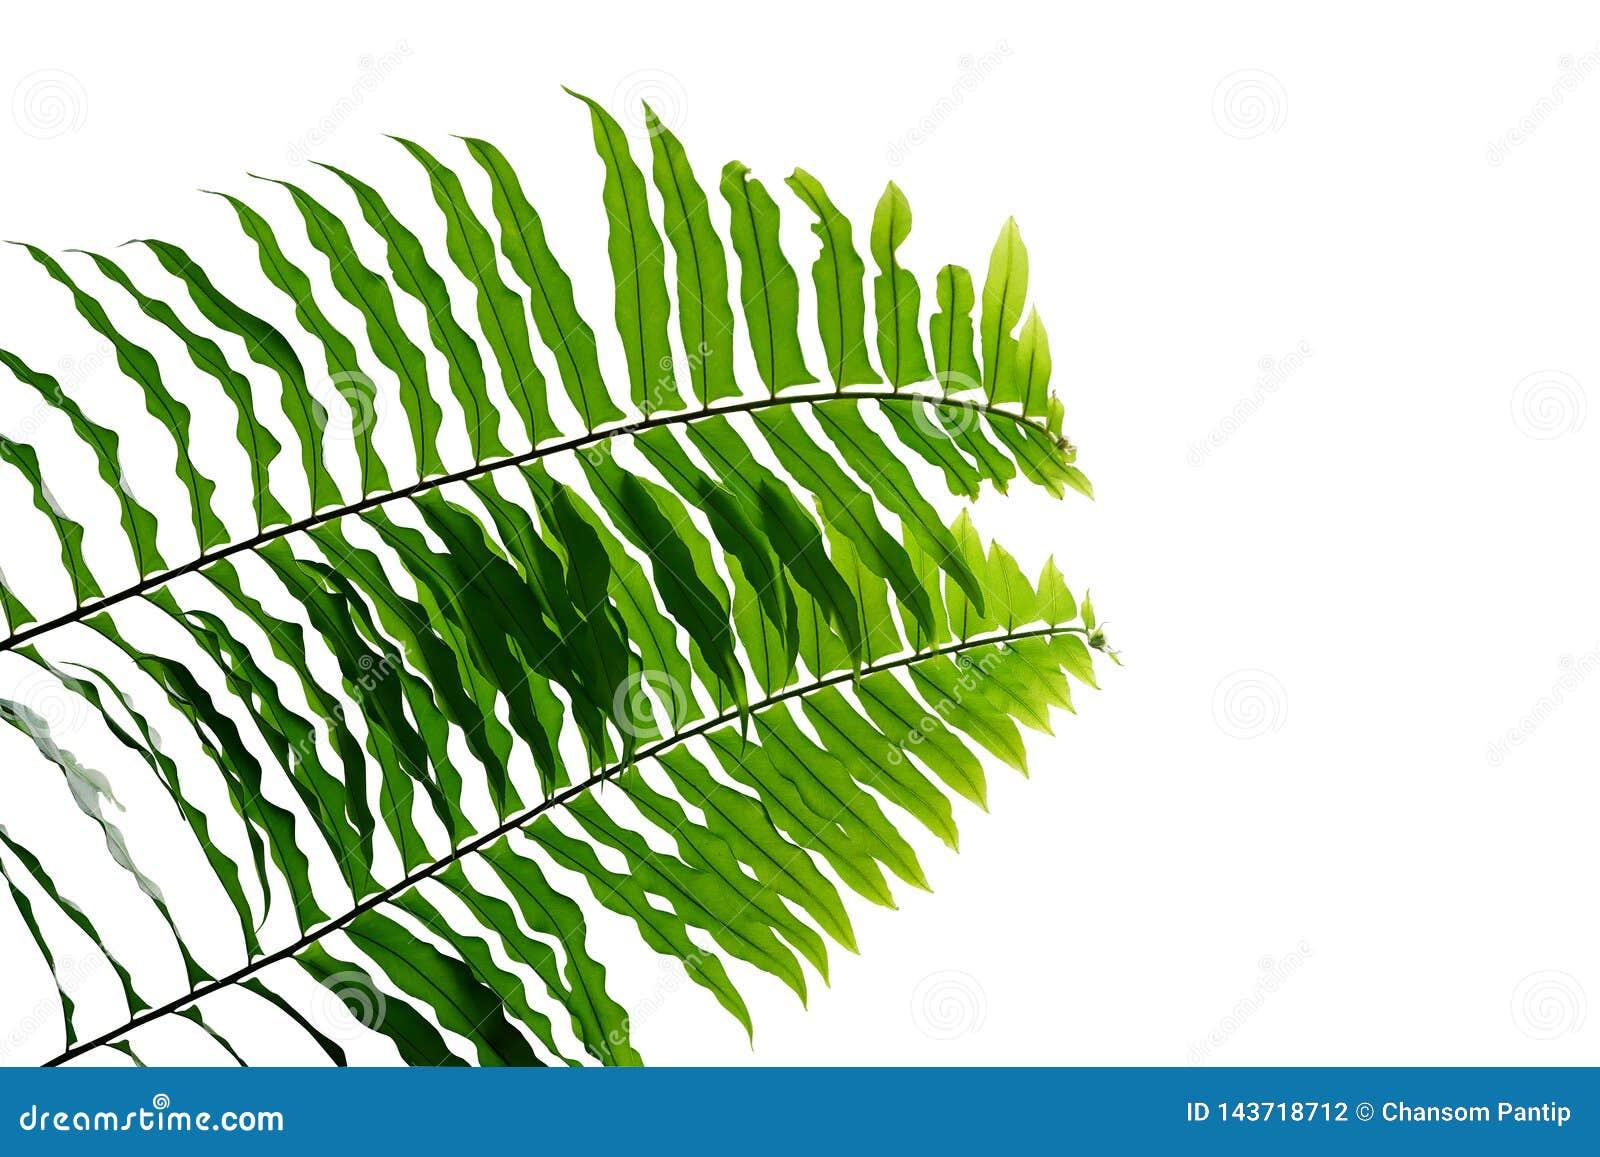 绿色在白色背景隔绝的叶子蕨热带雨林叶子植物自然叶子样式,裁减路线包括